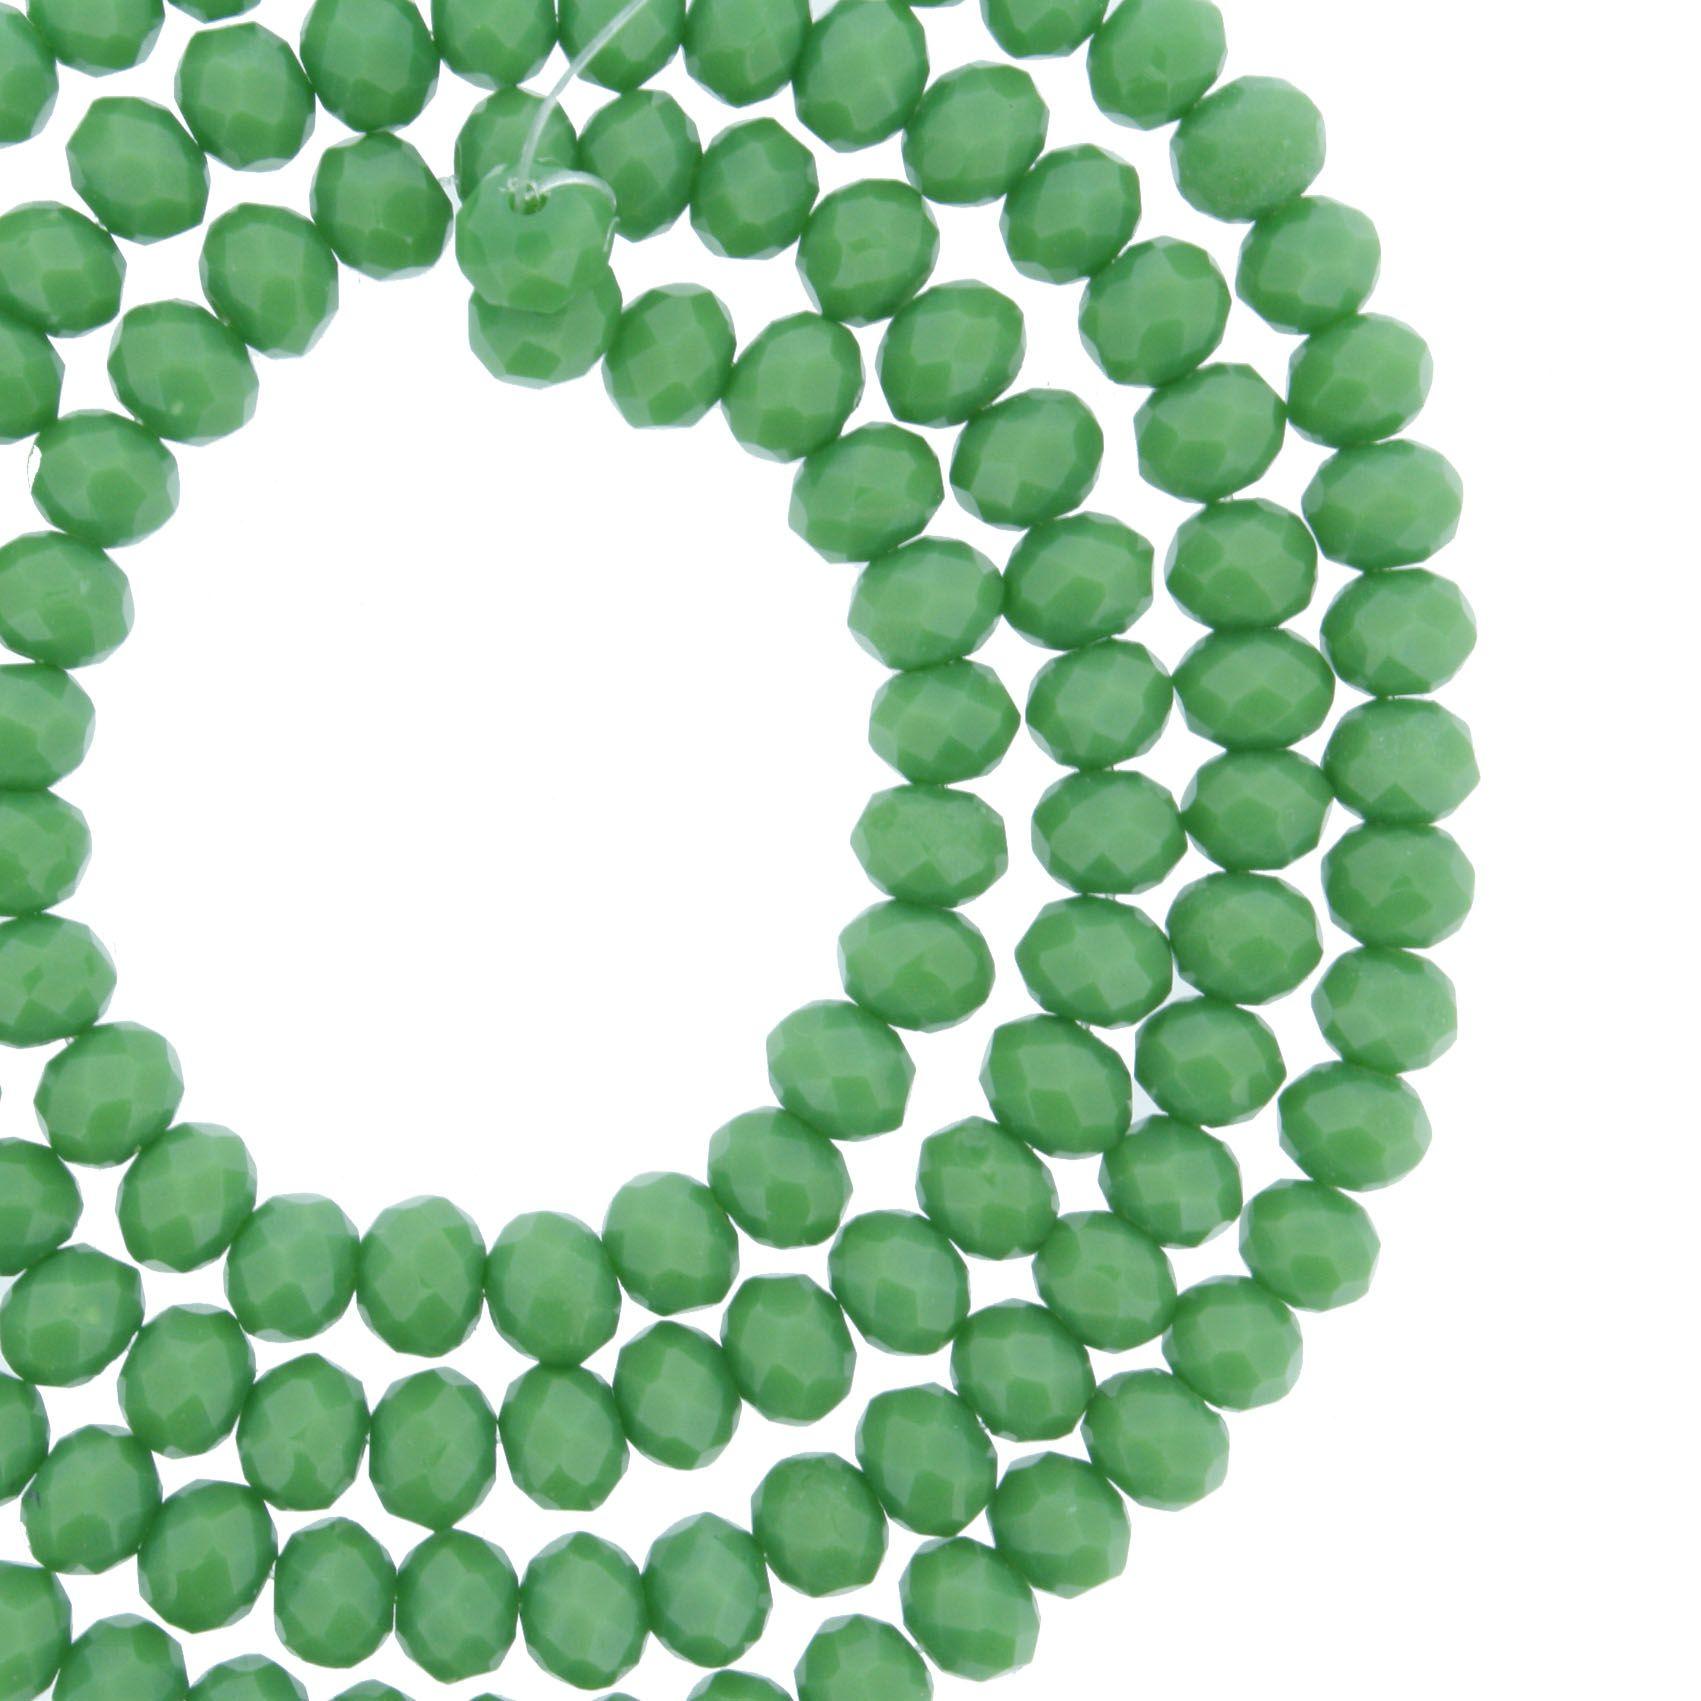 Fio de Cristal - Piatto® - Verde - 4mm  - Universo Religioso® - Artigos de Umbanda e Candomblé